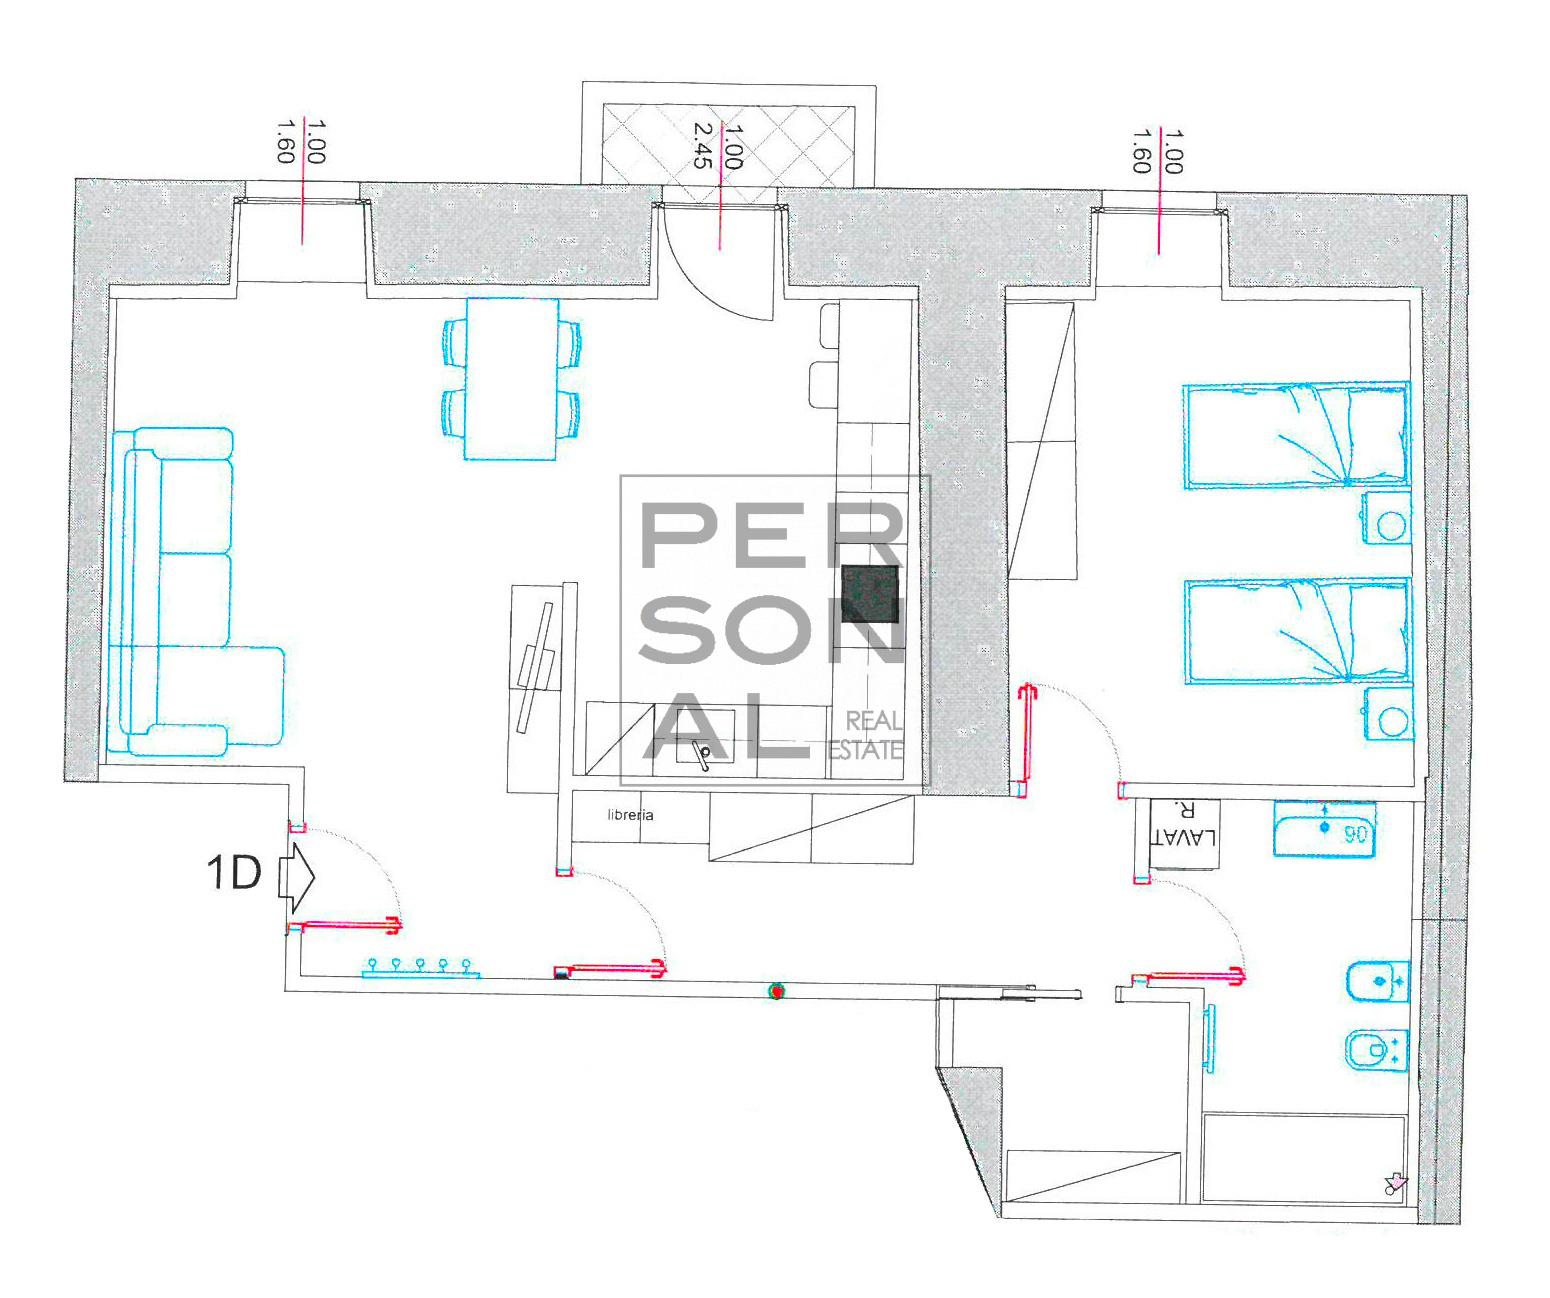 Appartamento in Affitto a Trento - Cod. XP-AFF-1D